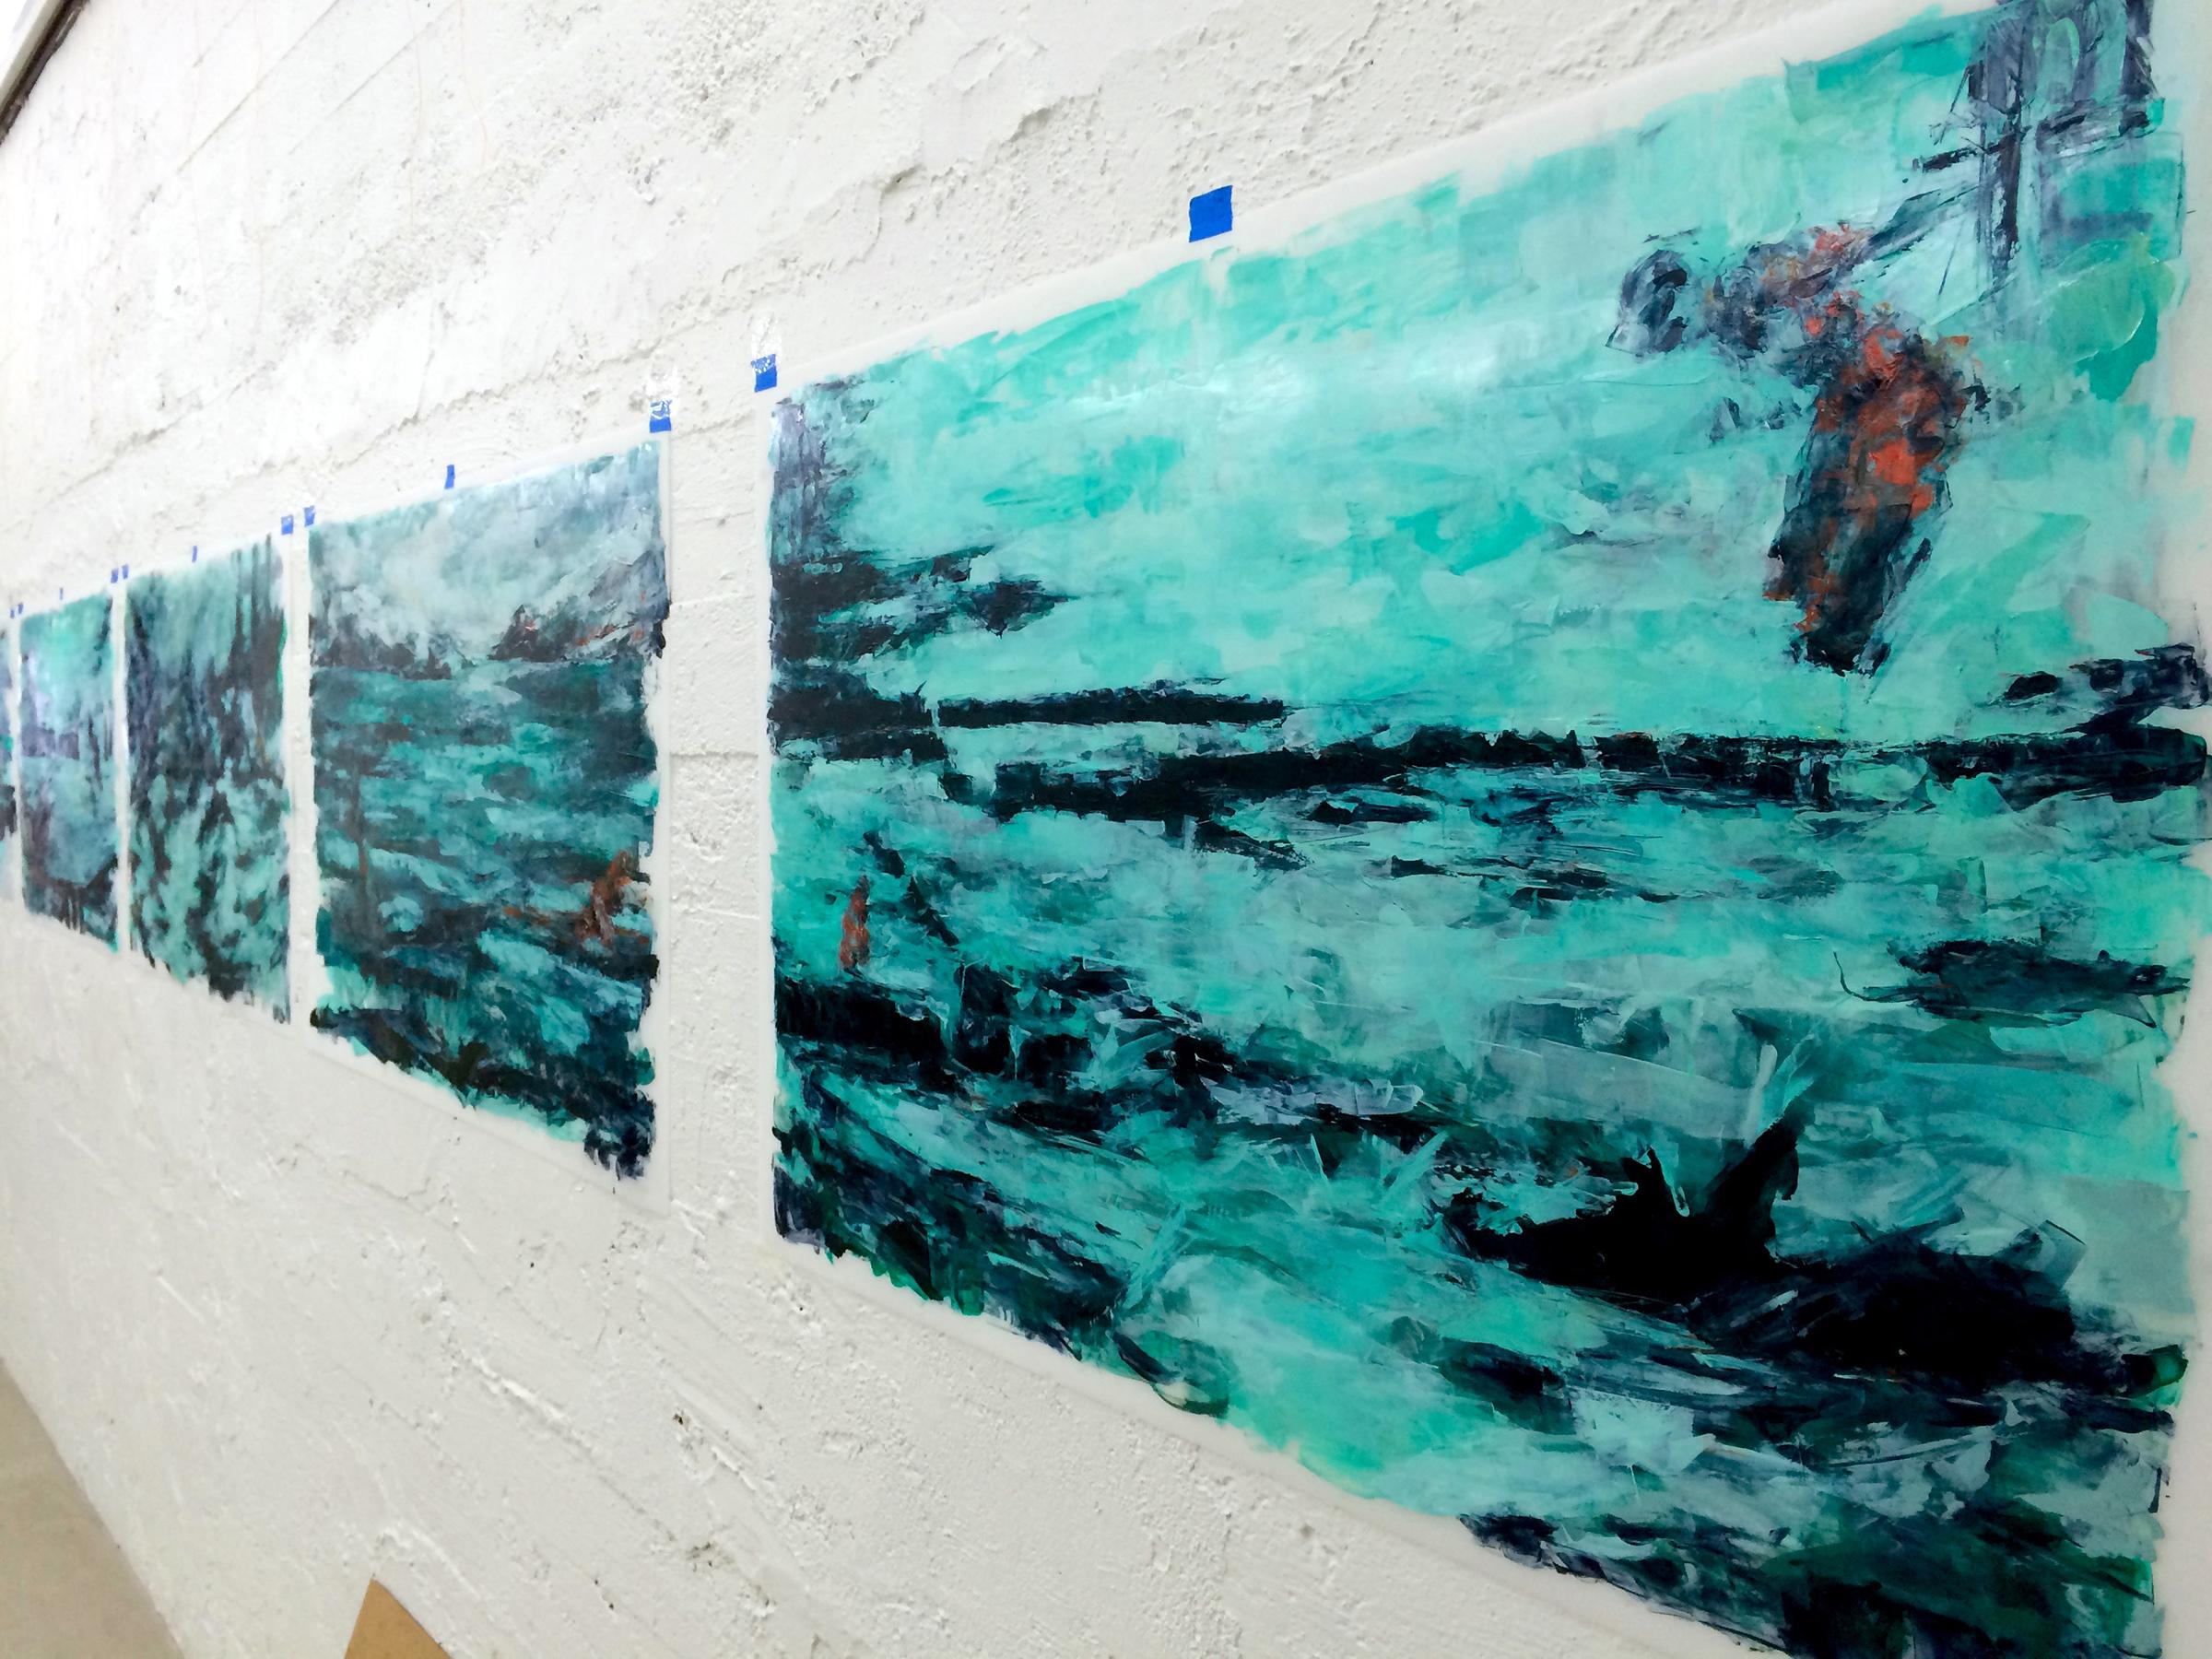 studio shot, Hvítahús Artist Residency, Hellisandur, Iceland (March 2016)